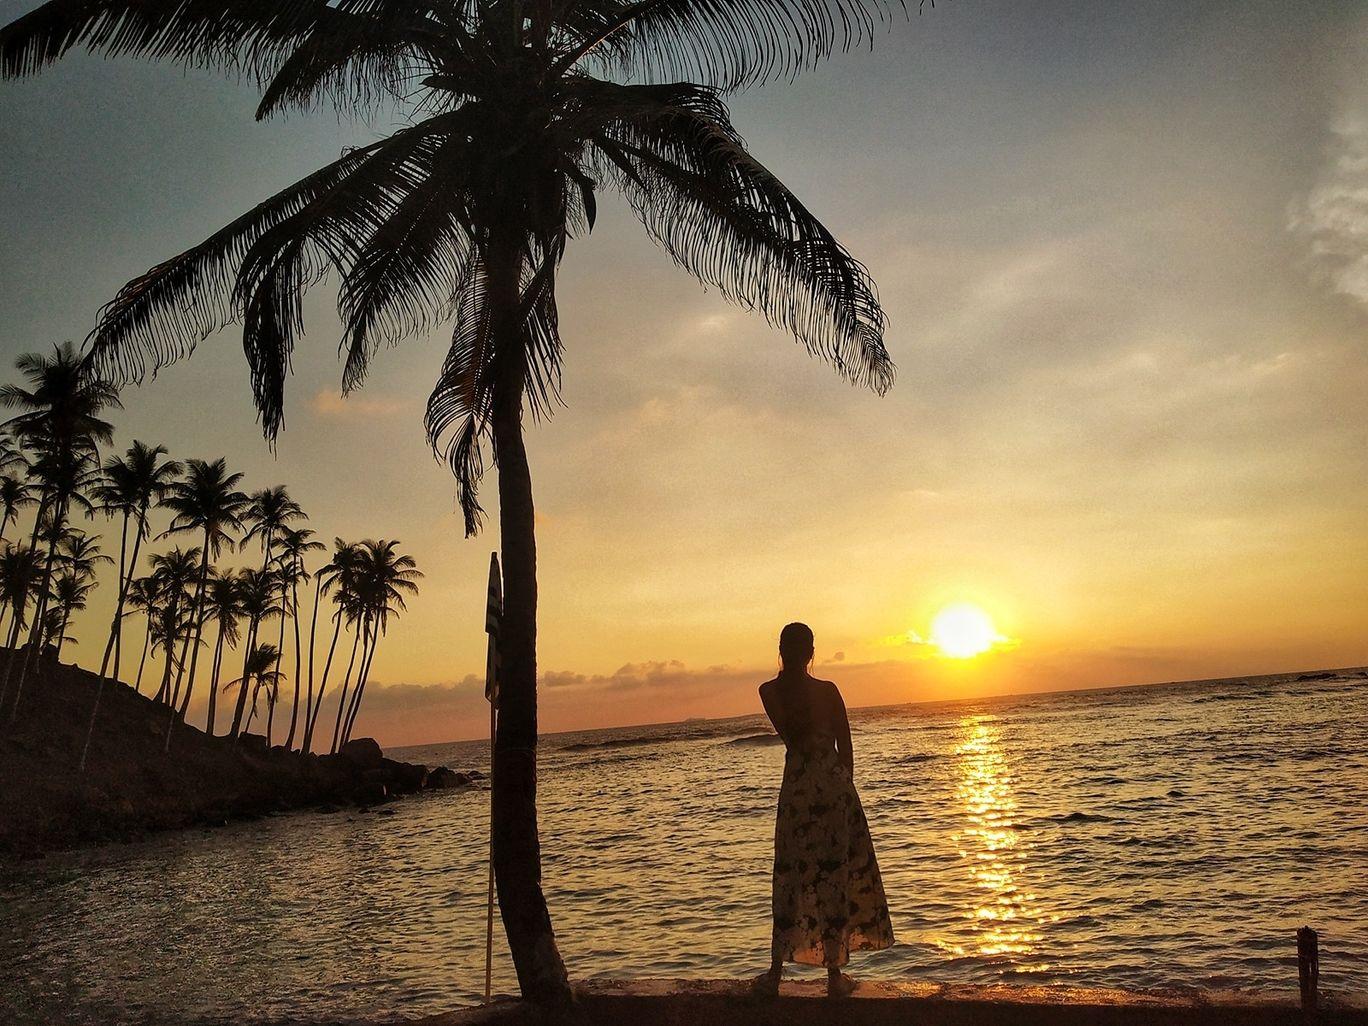 Photo of Sri Lanka By Vaishali Tiwari